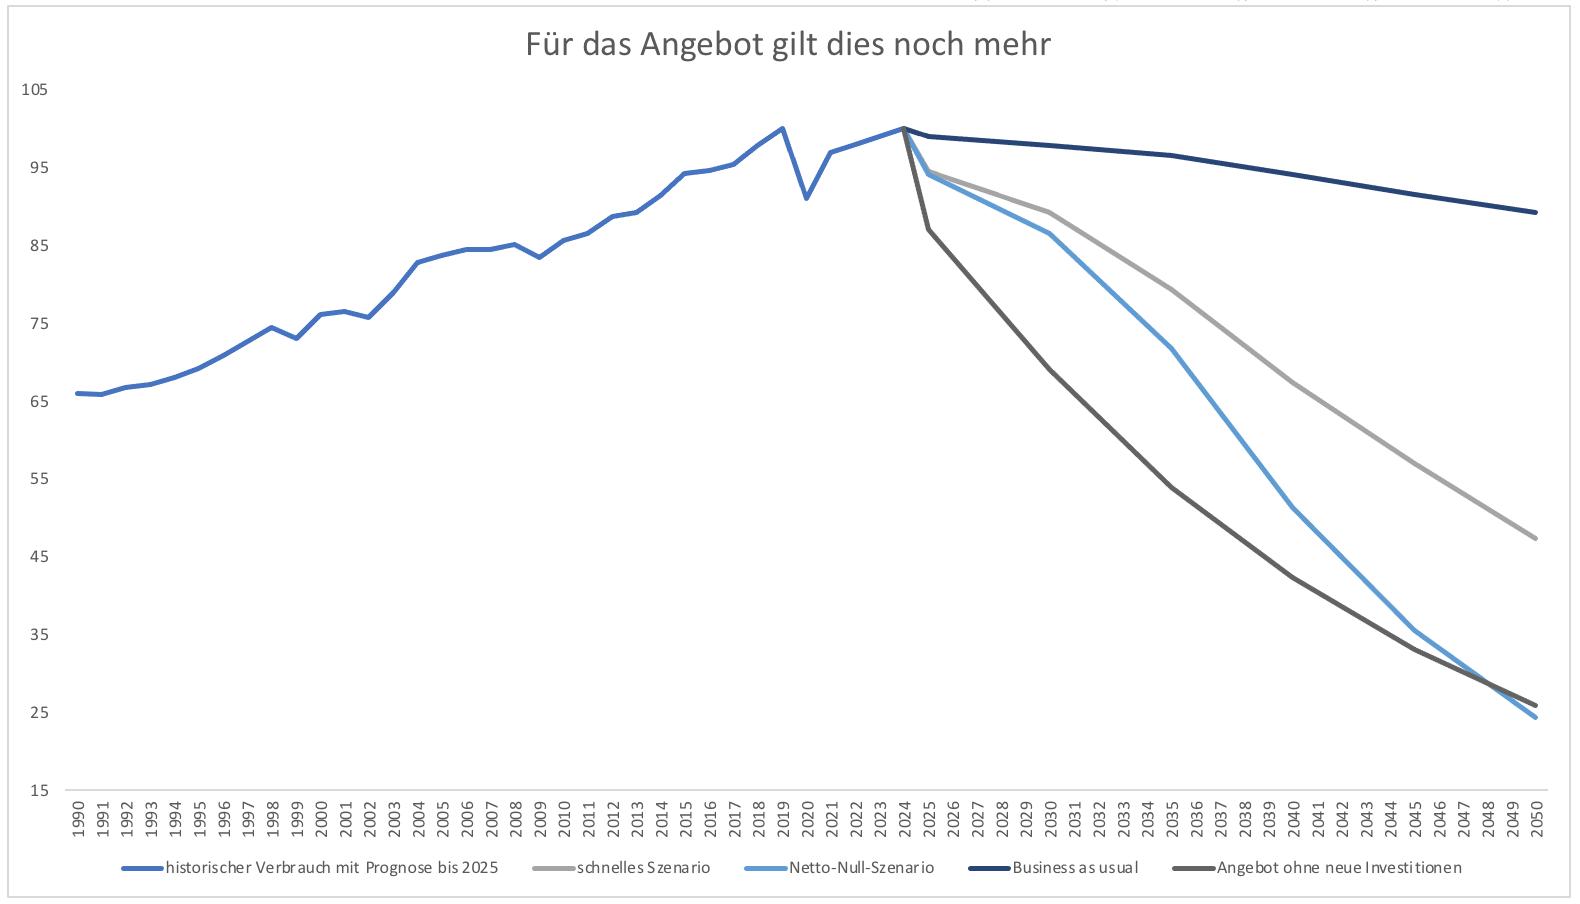 Öl-hat-eine-Zukunft-Kommentar-Clemens-Schmale-GodmodeTrader.de-4